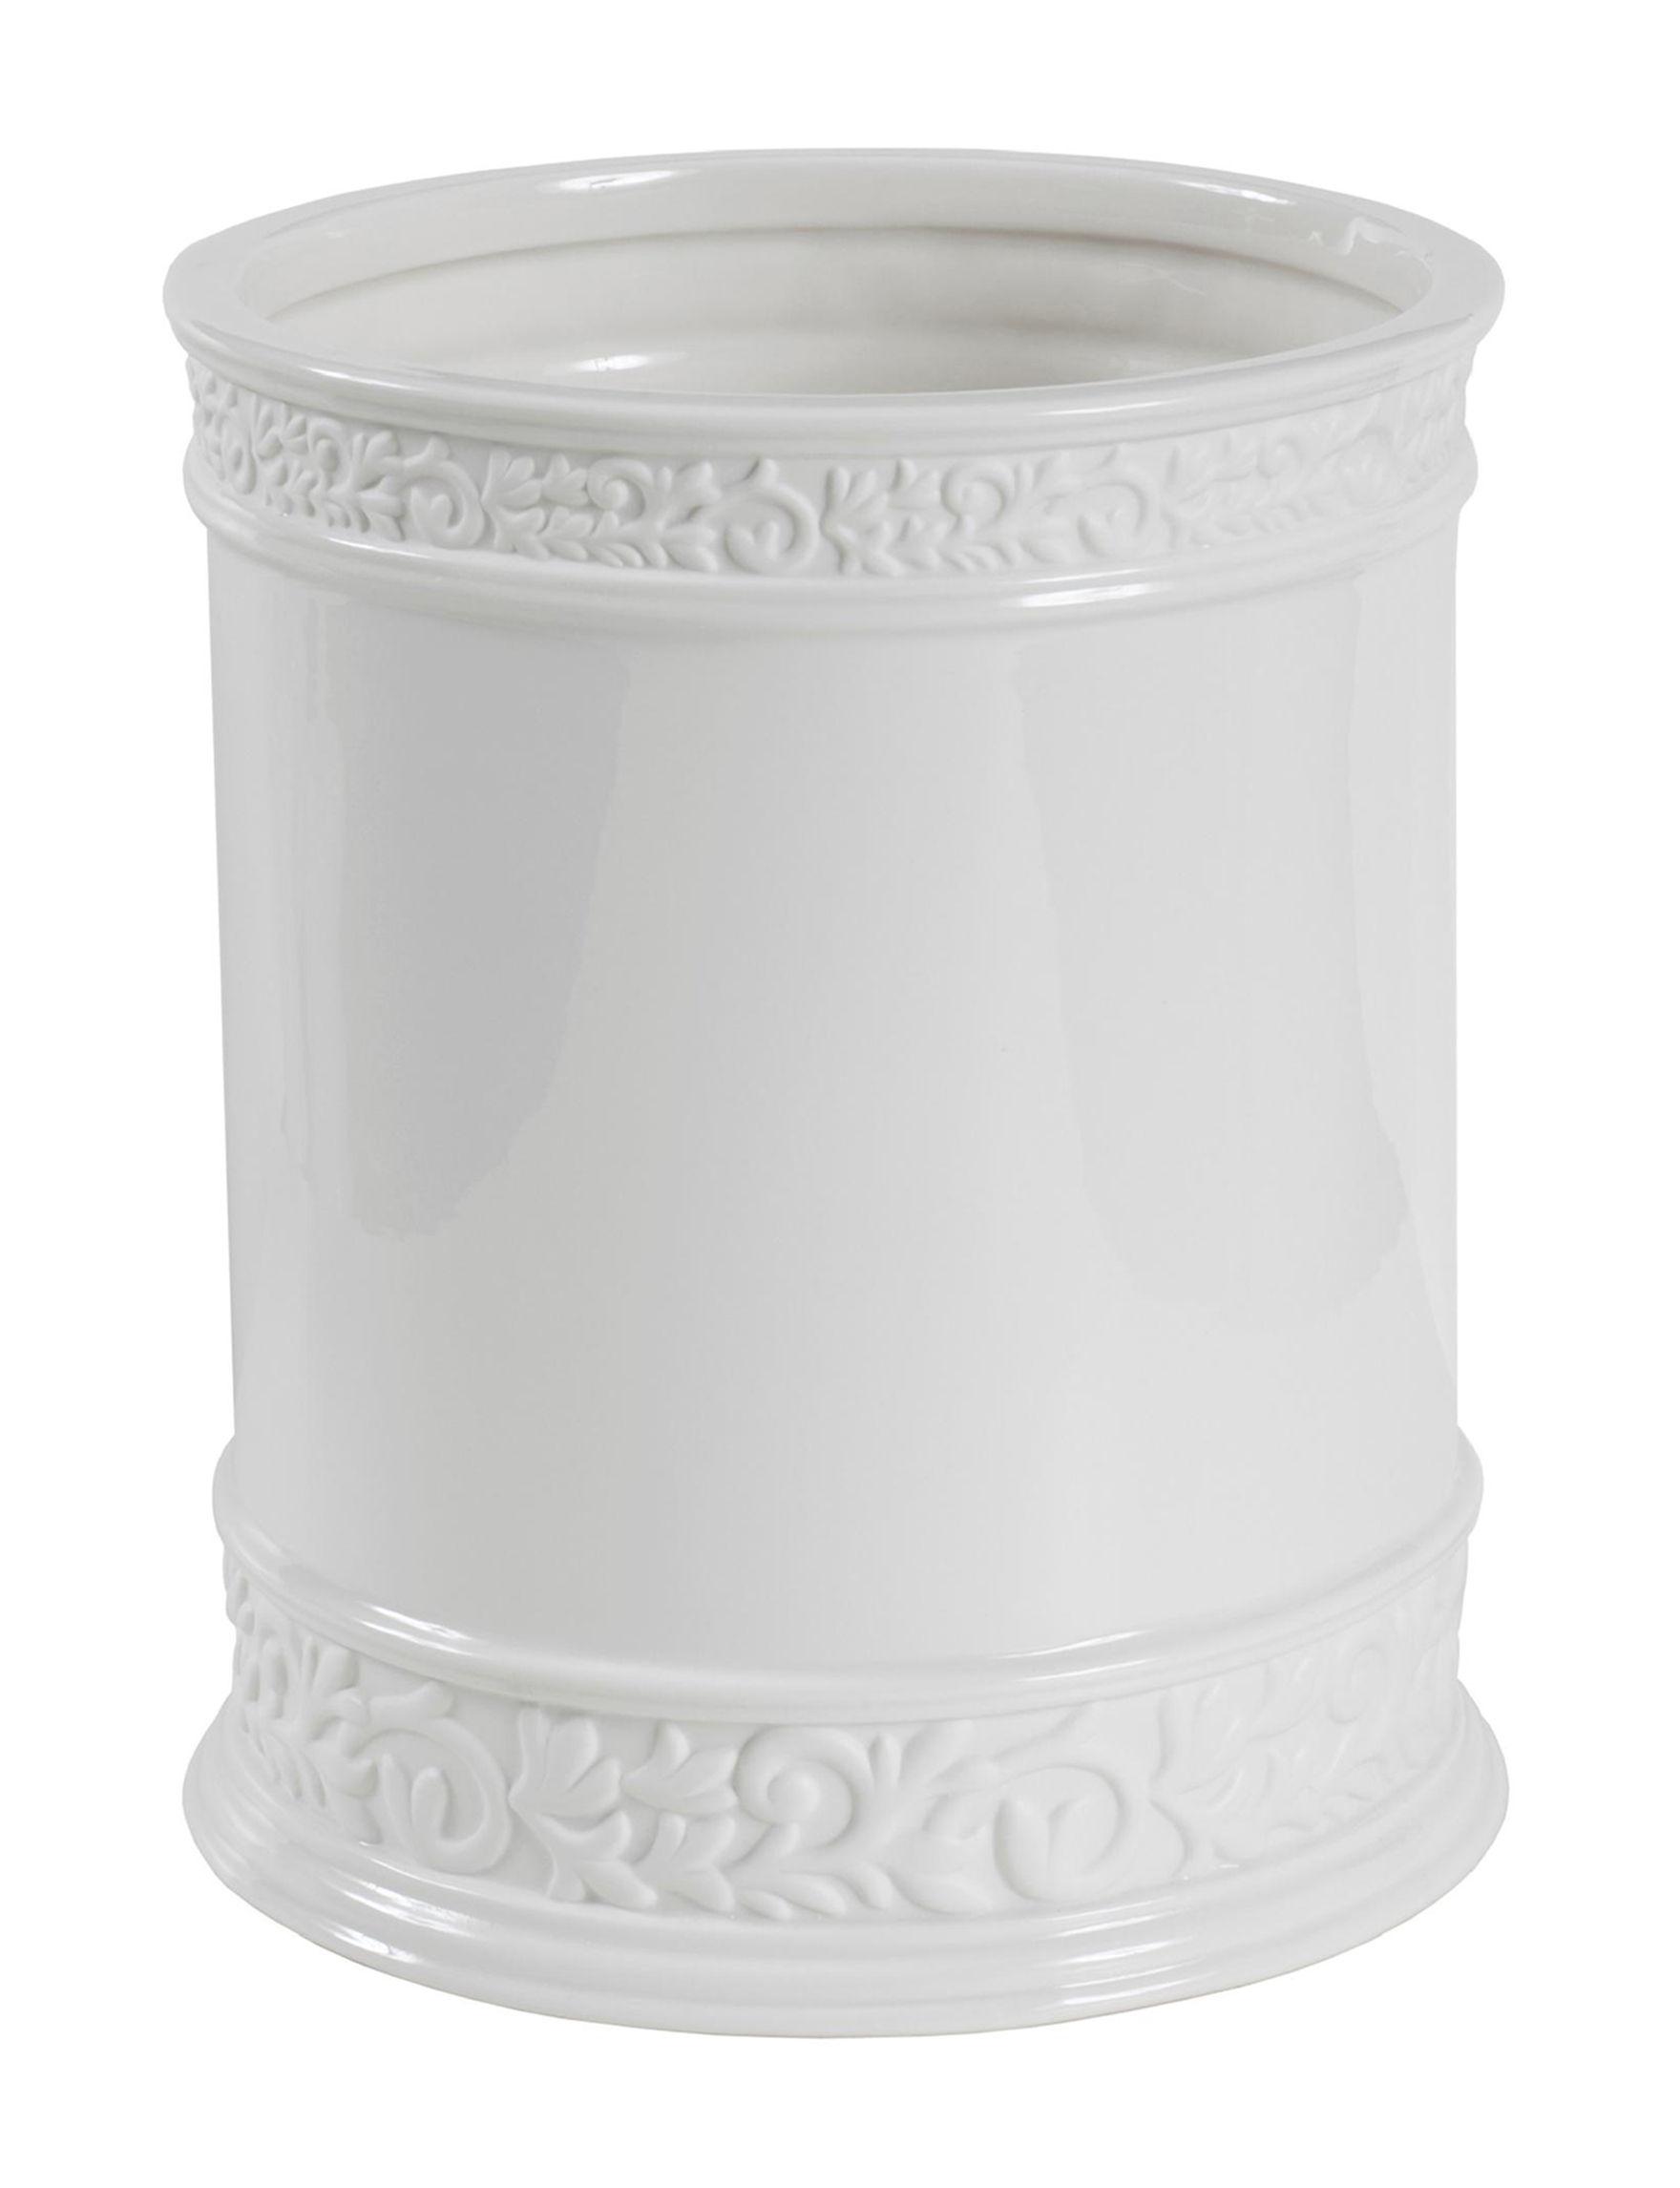 Creativeware White Wastebaskets Bath Accessories